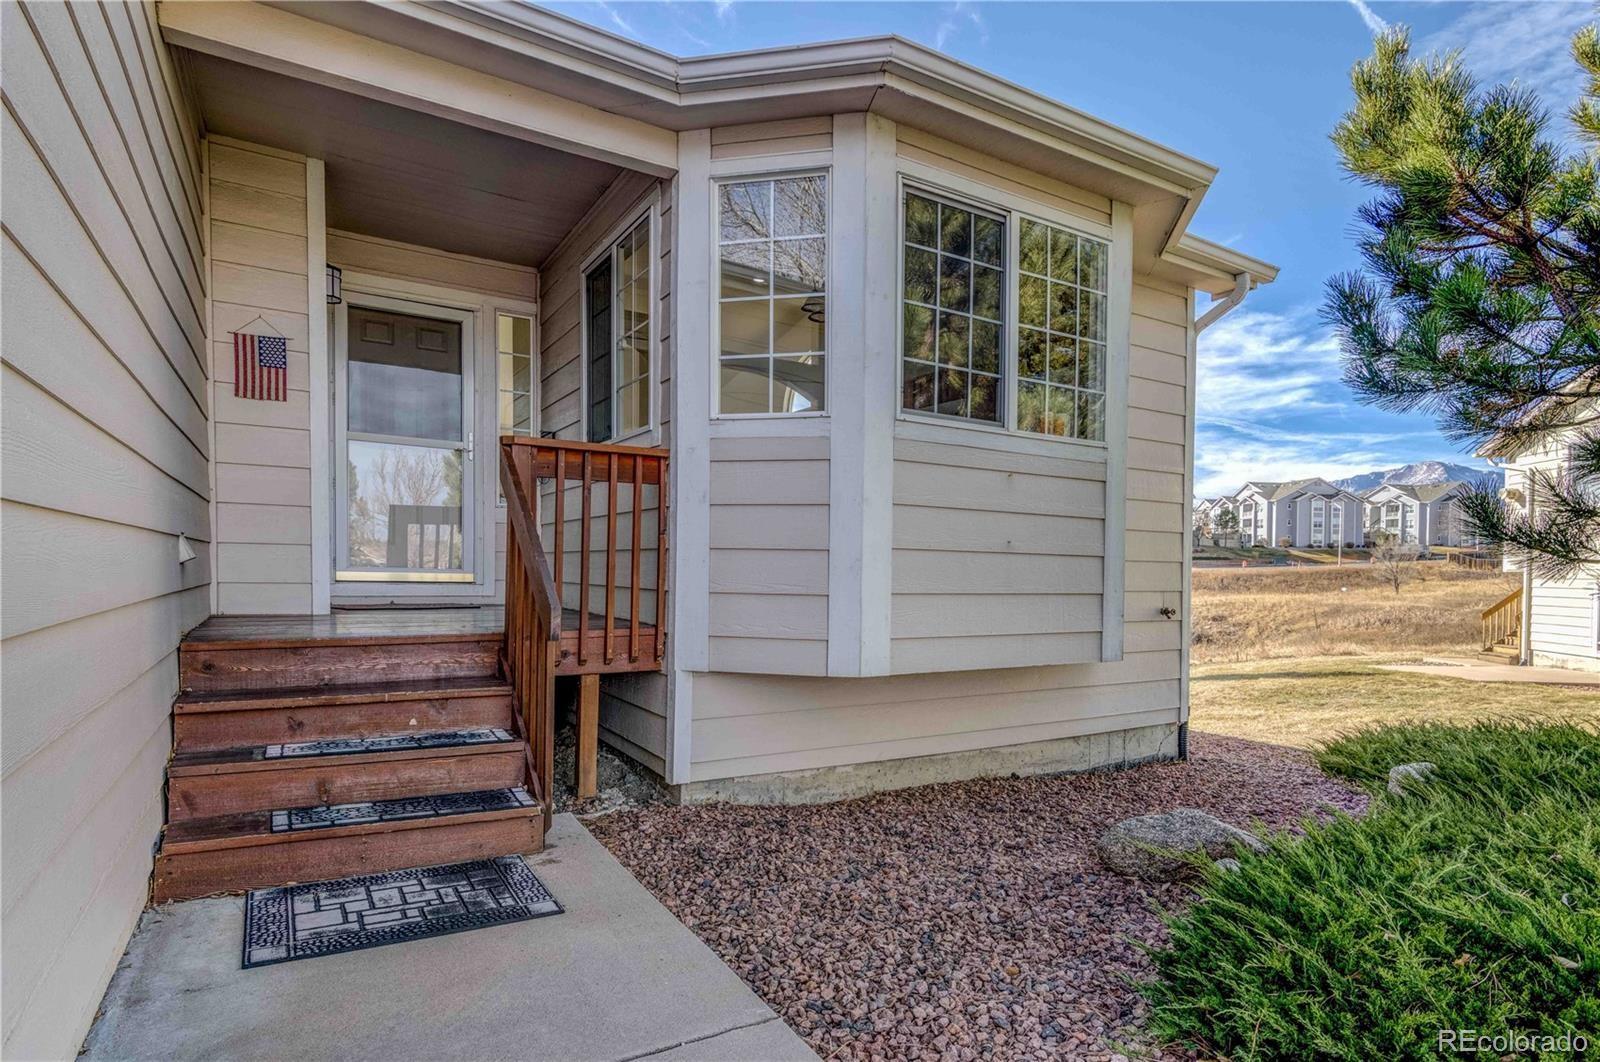 MLS# 5664422 - 8 - 6265 Retreat Point, Colorado Springs, CO 80919